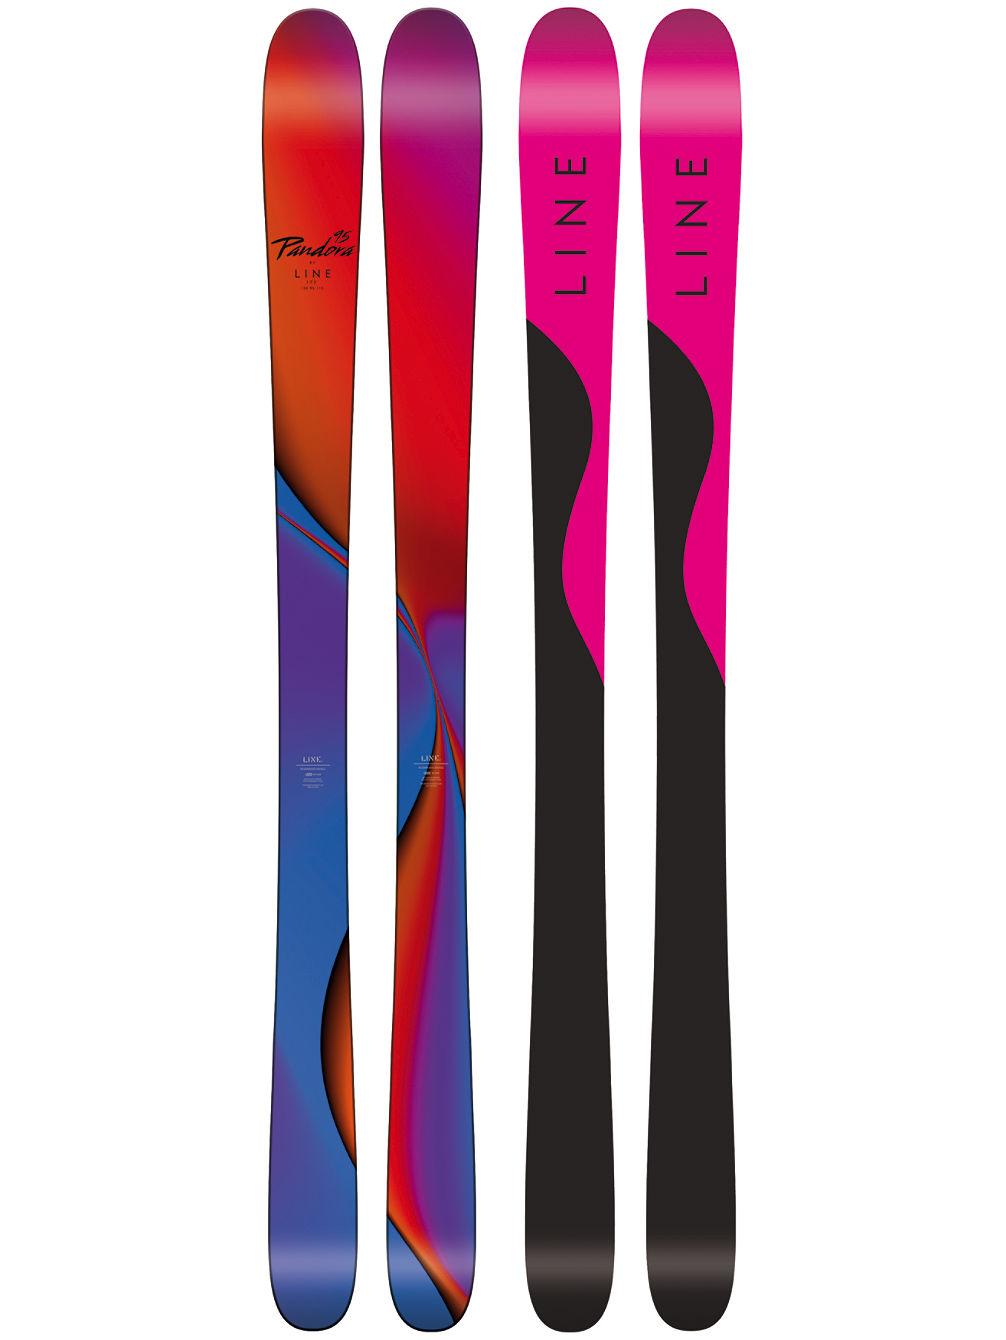 Line Pandora 95 172 2018 Ski